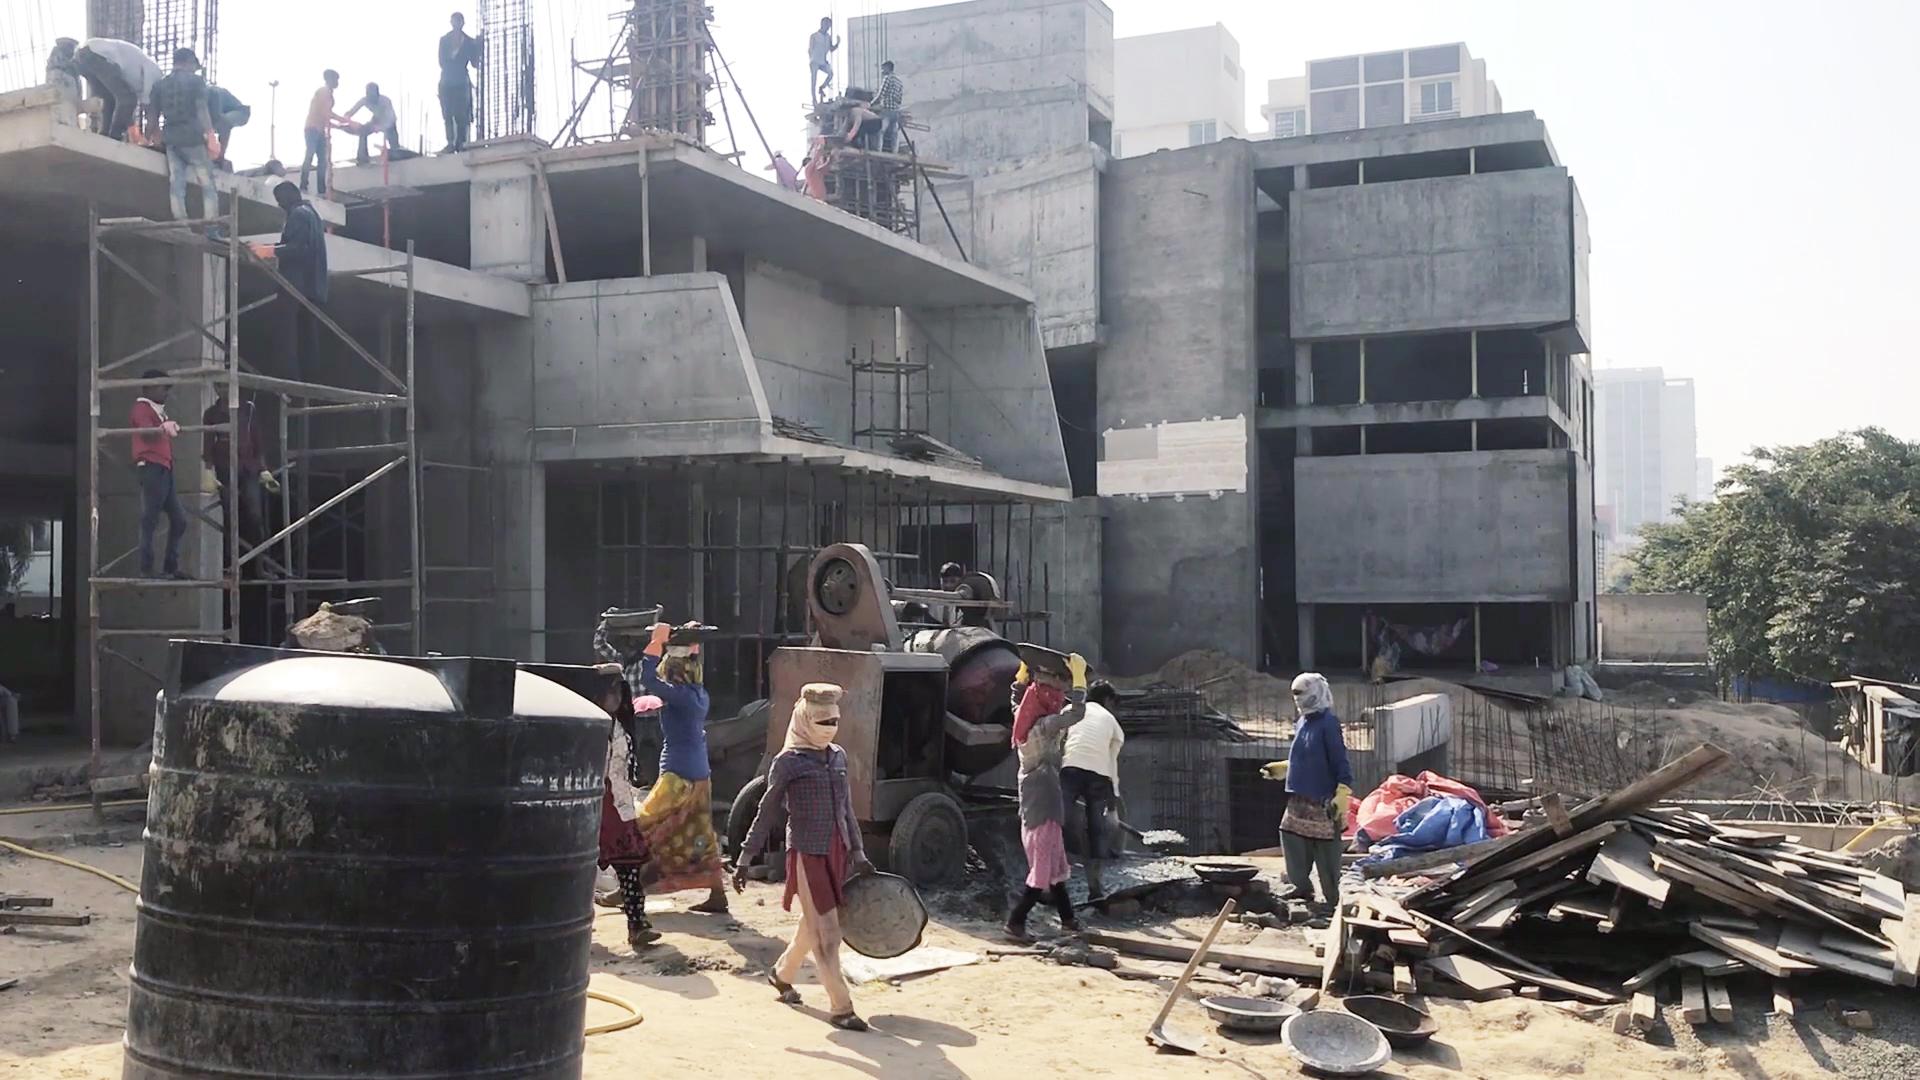 Live Construction site